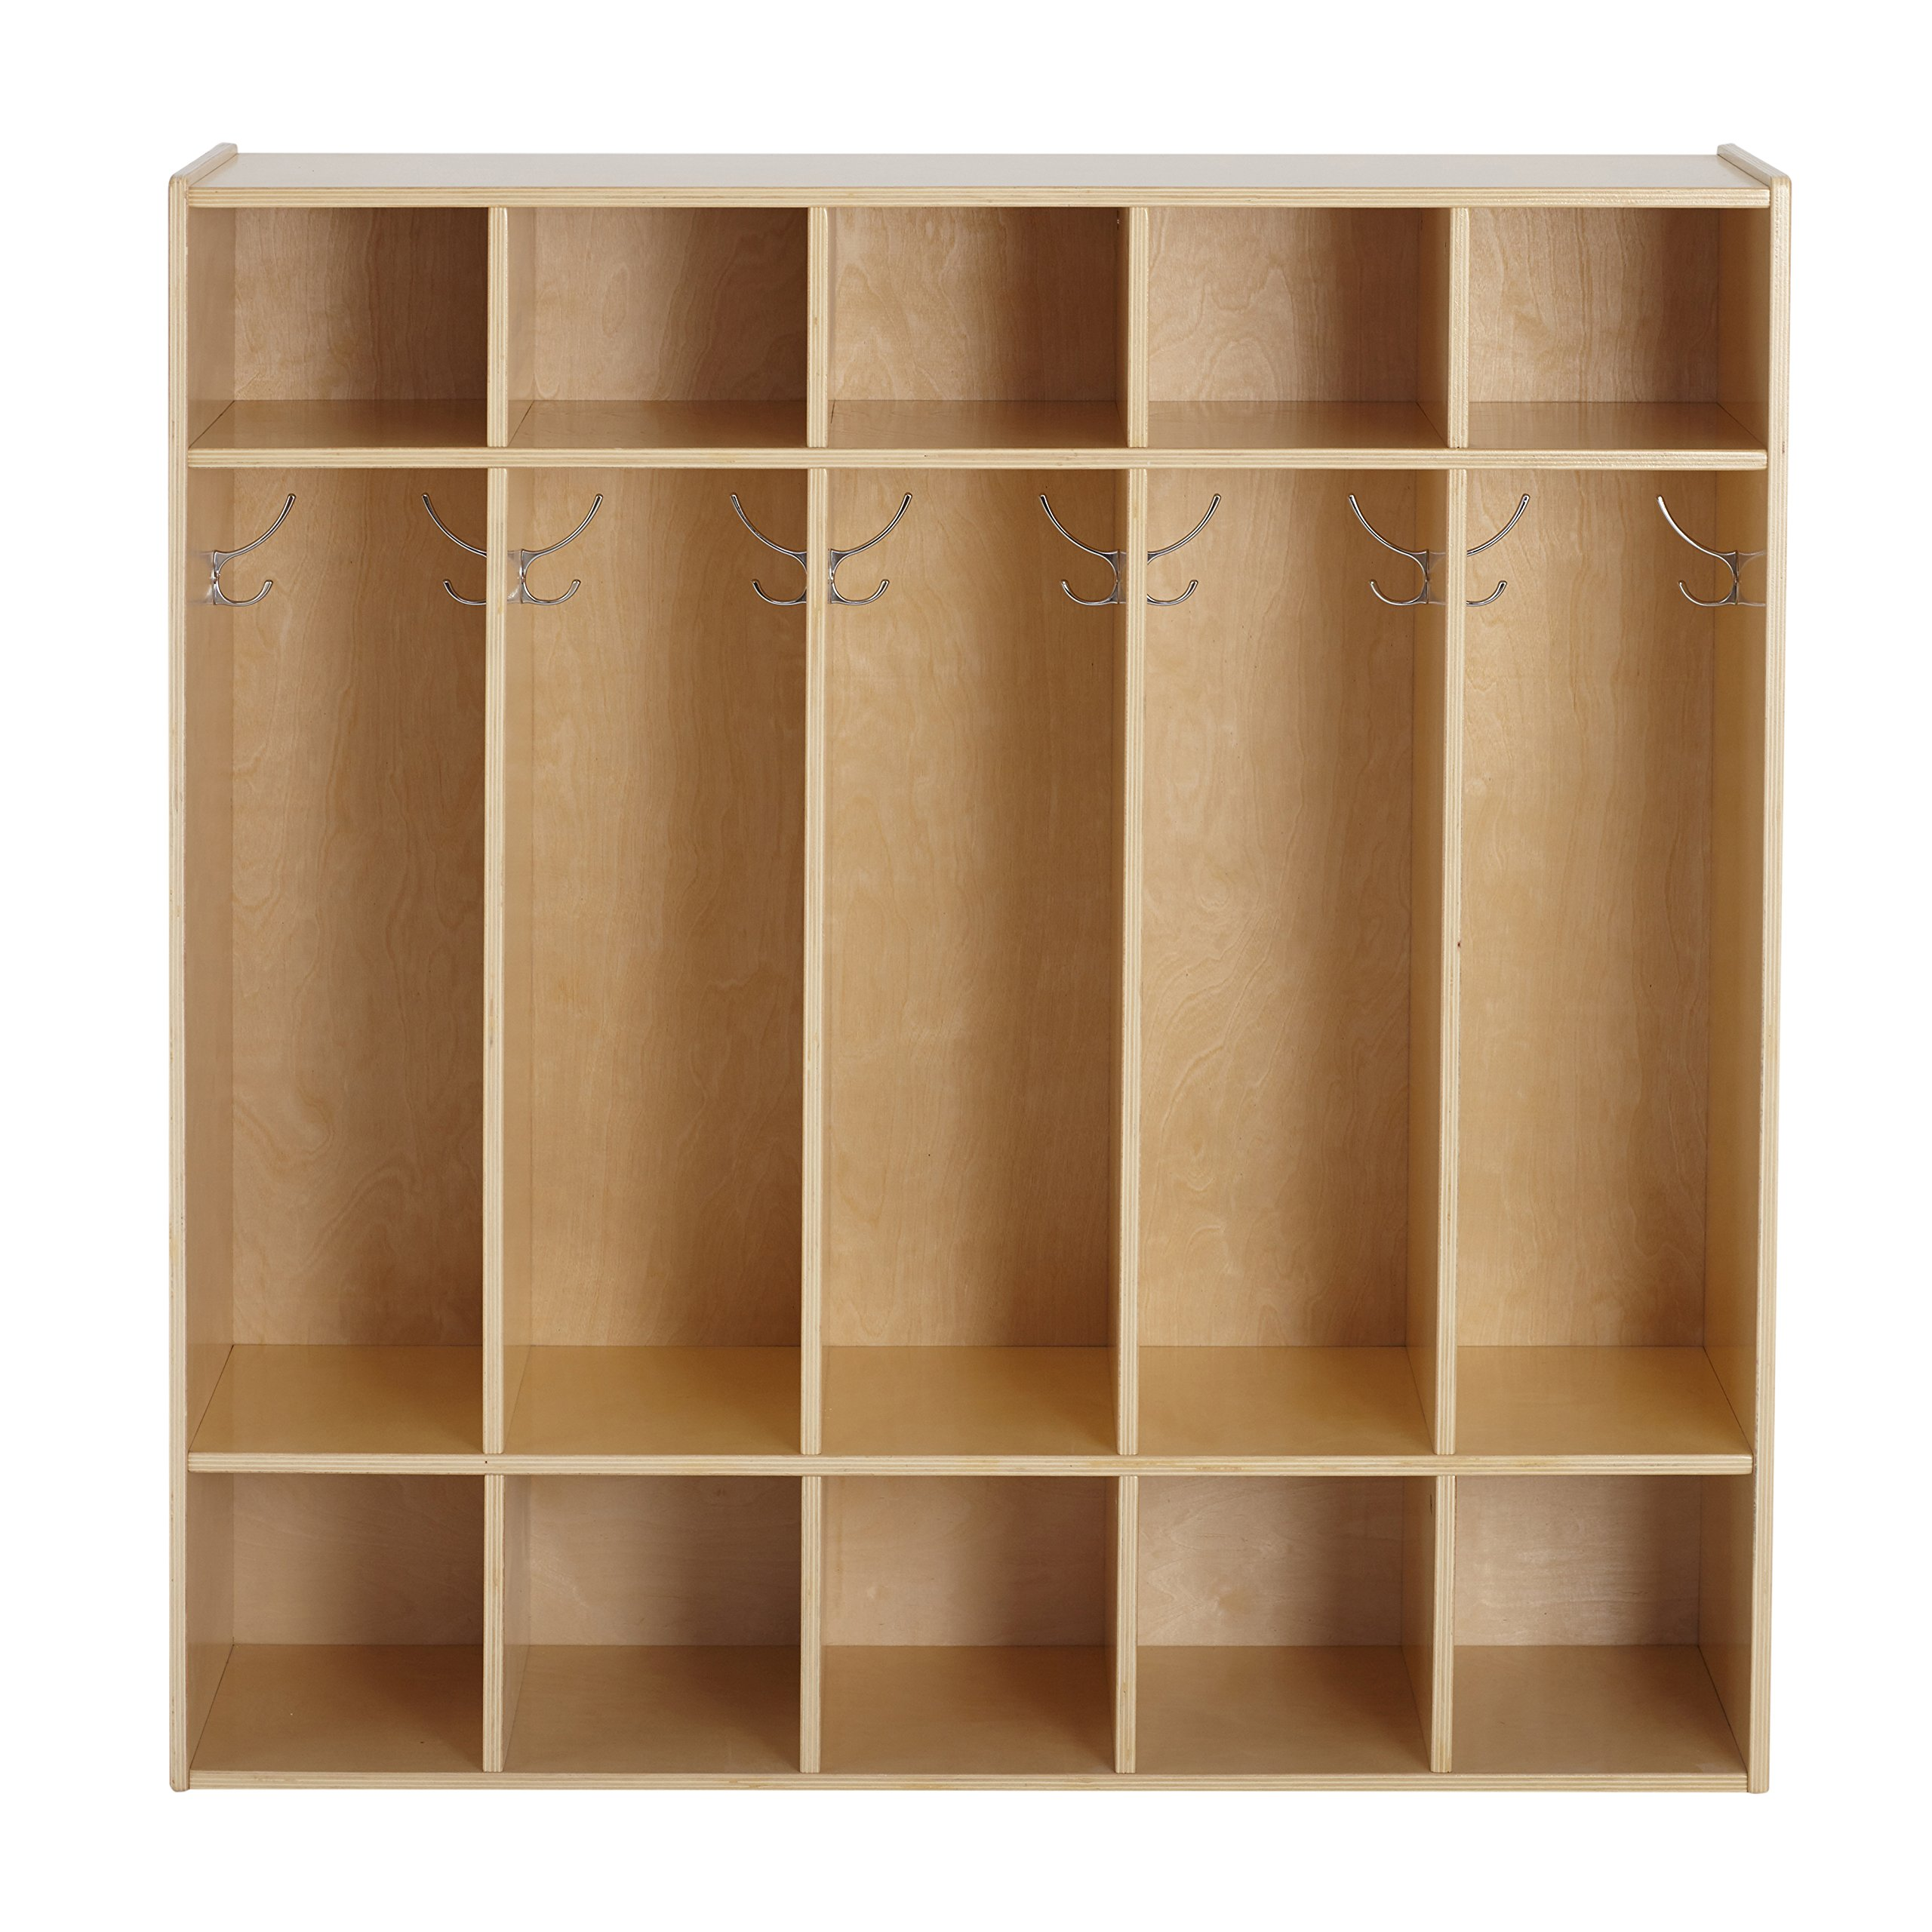 ECR4Kids Birch Wood Streamline 5-Section Kids Coat Locker